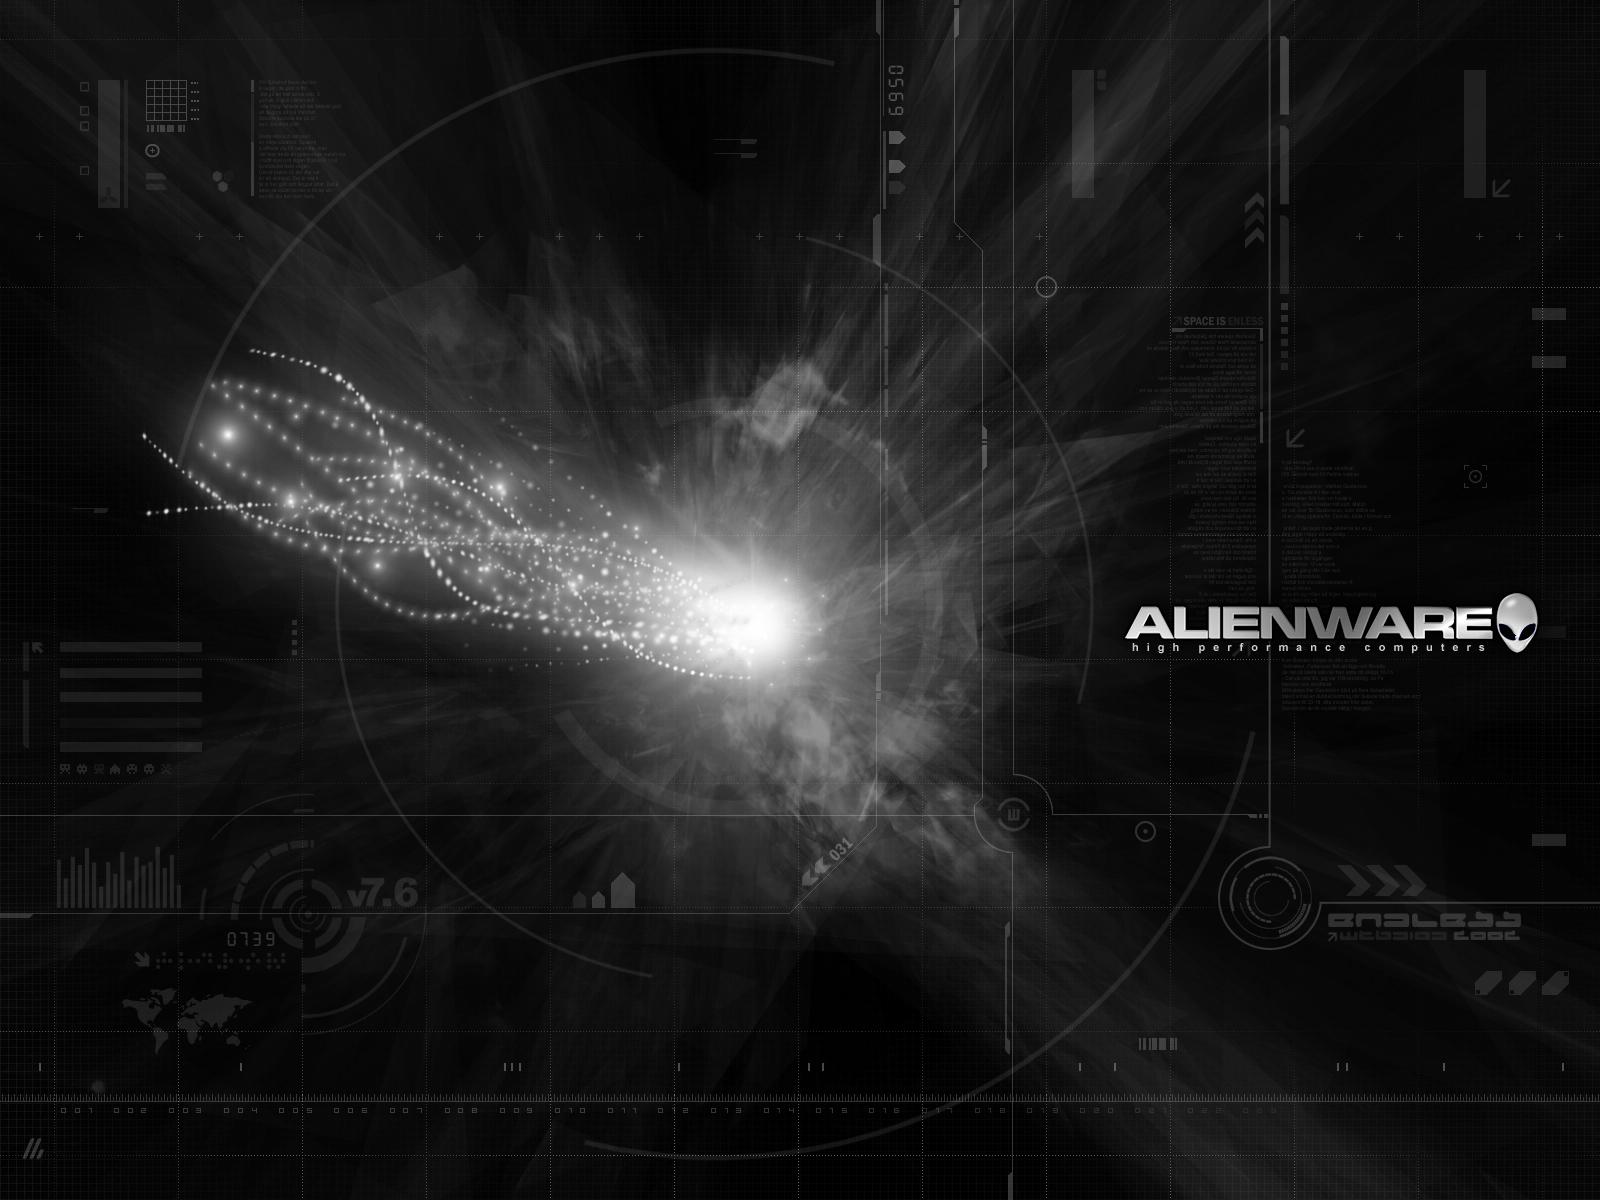 Alienware Grayscale Light desktop wallpaper WallpaperPixel 1600x1200